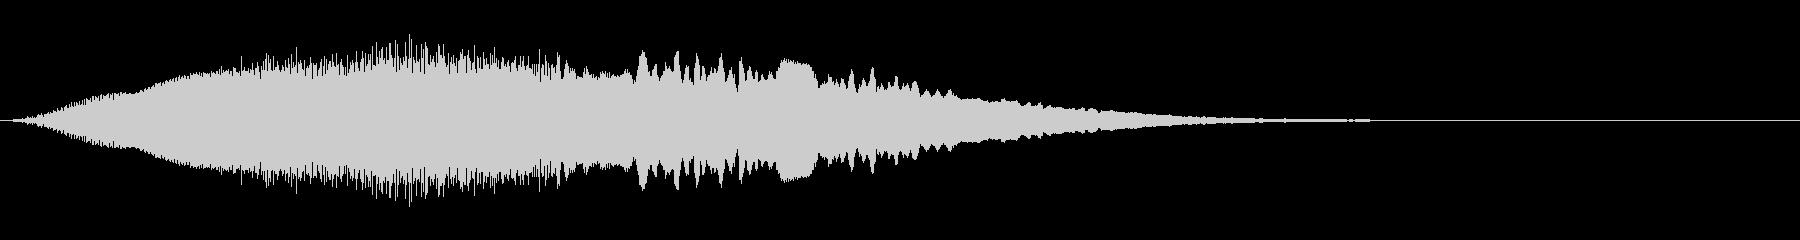 上昇していく効果音、レーザー音 高めの未再生の波形